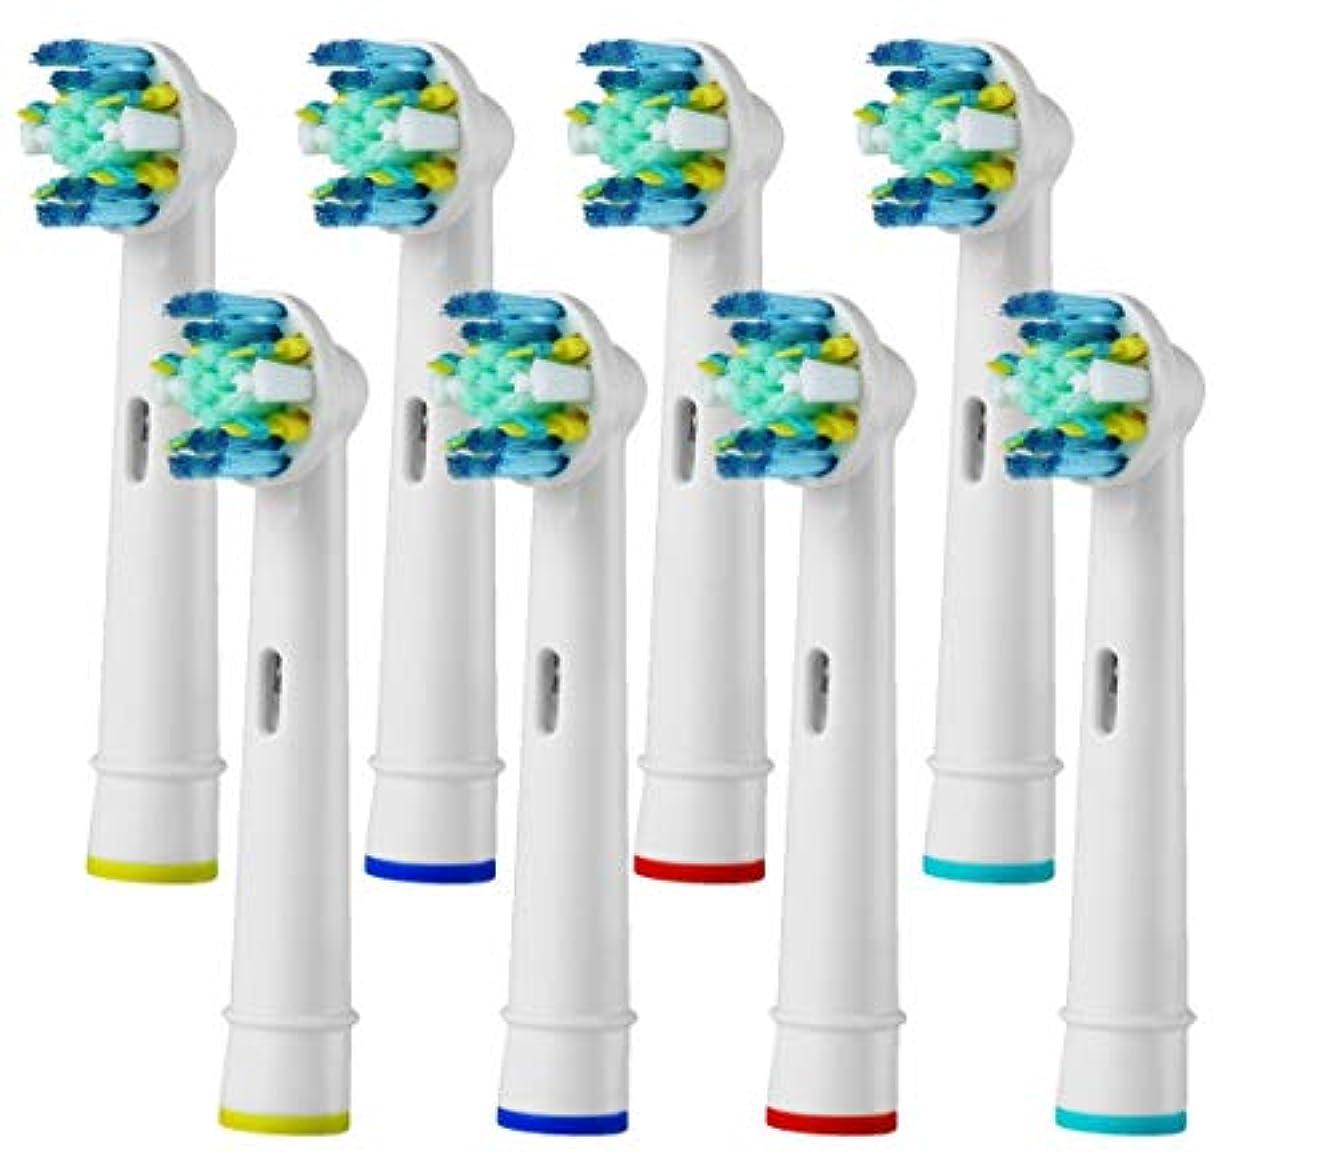 韻ロープドリンクMAGINOVO オーラルフロスアクション電動歯ブラシ用 8つ ピース交換歯ブラシ ヘッド YST-25A-8